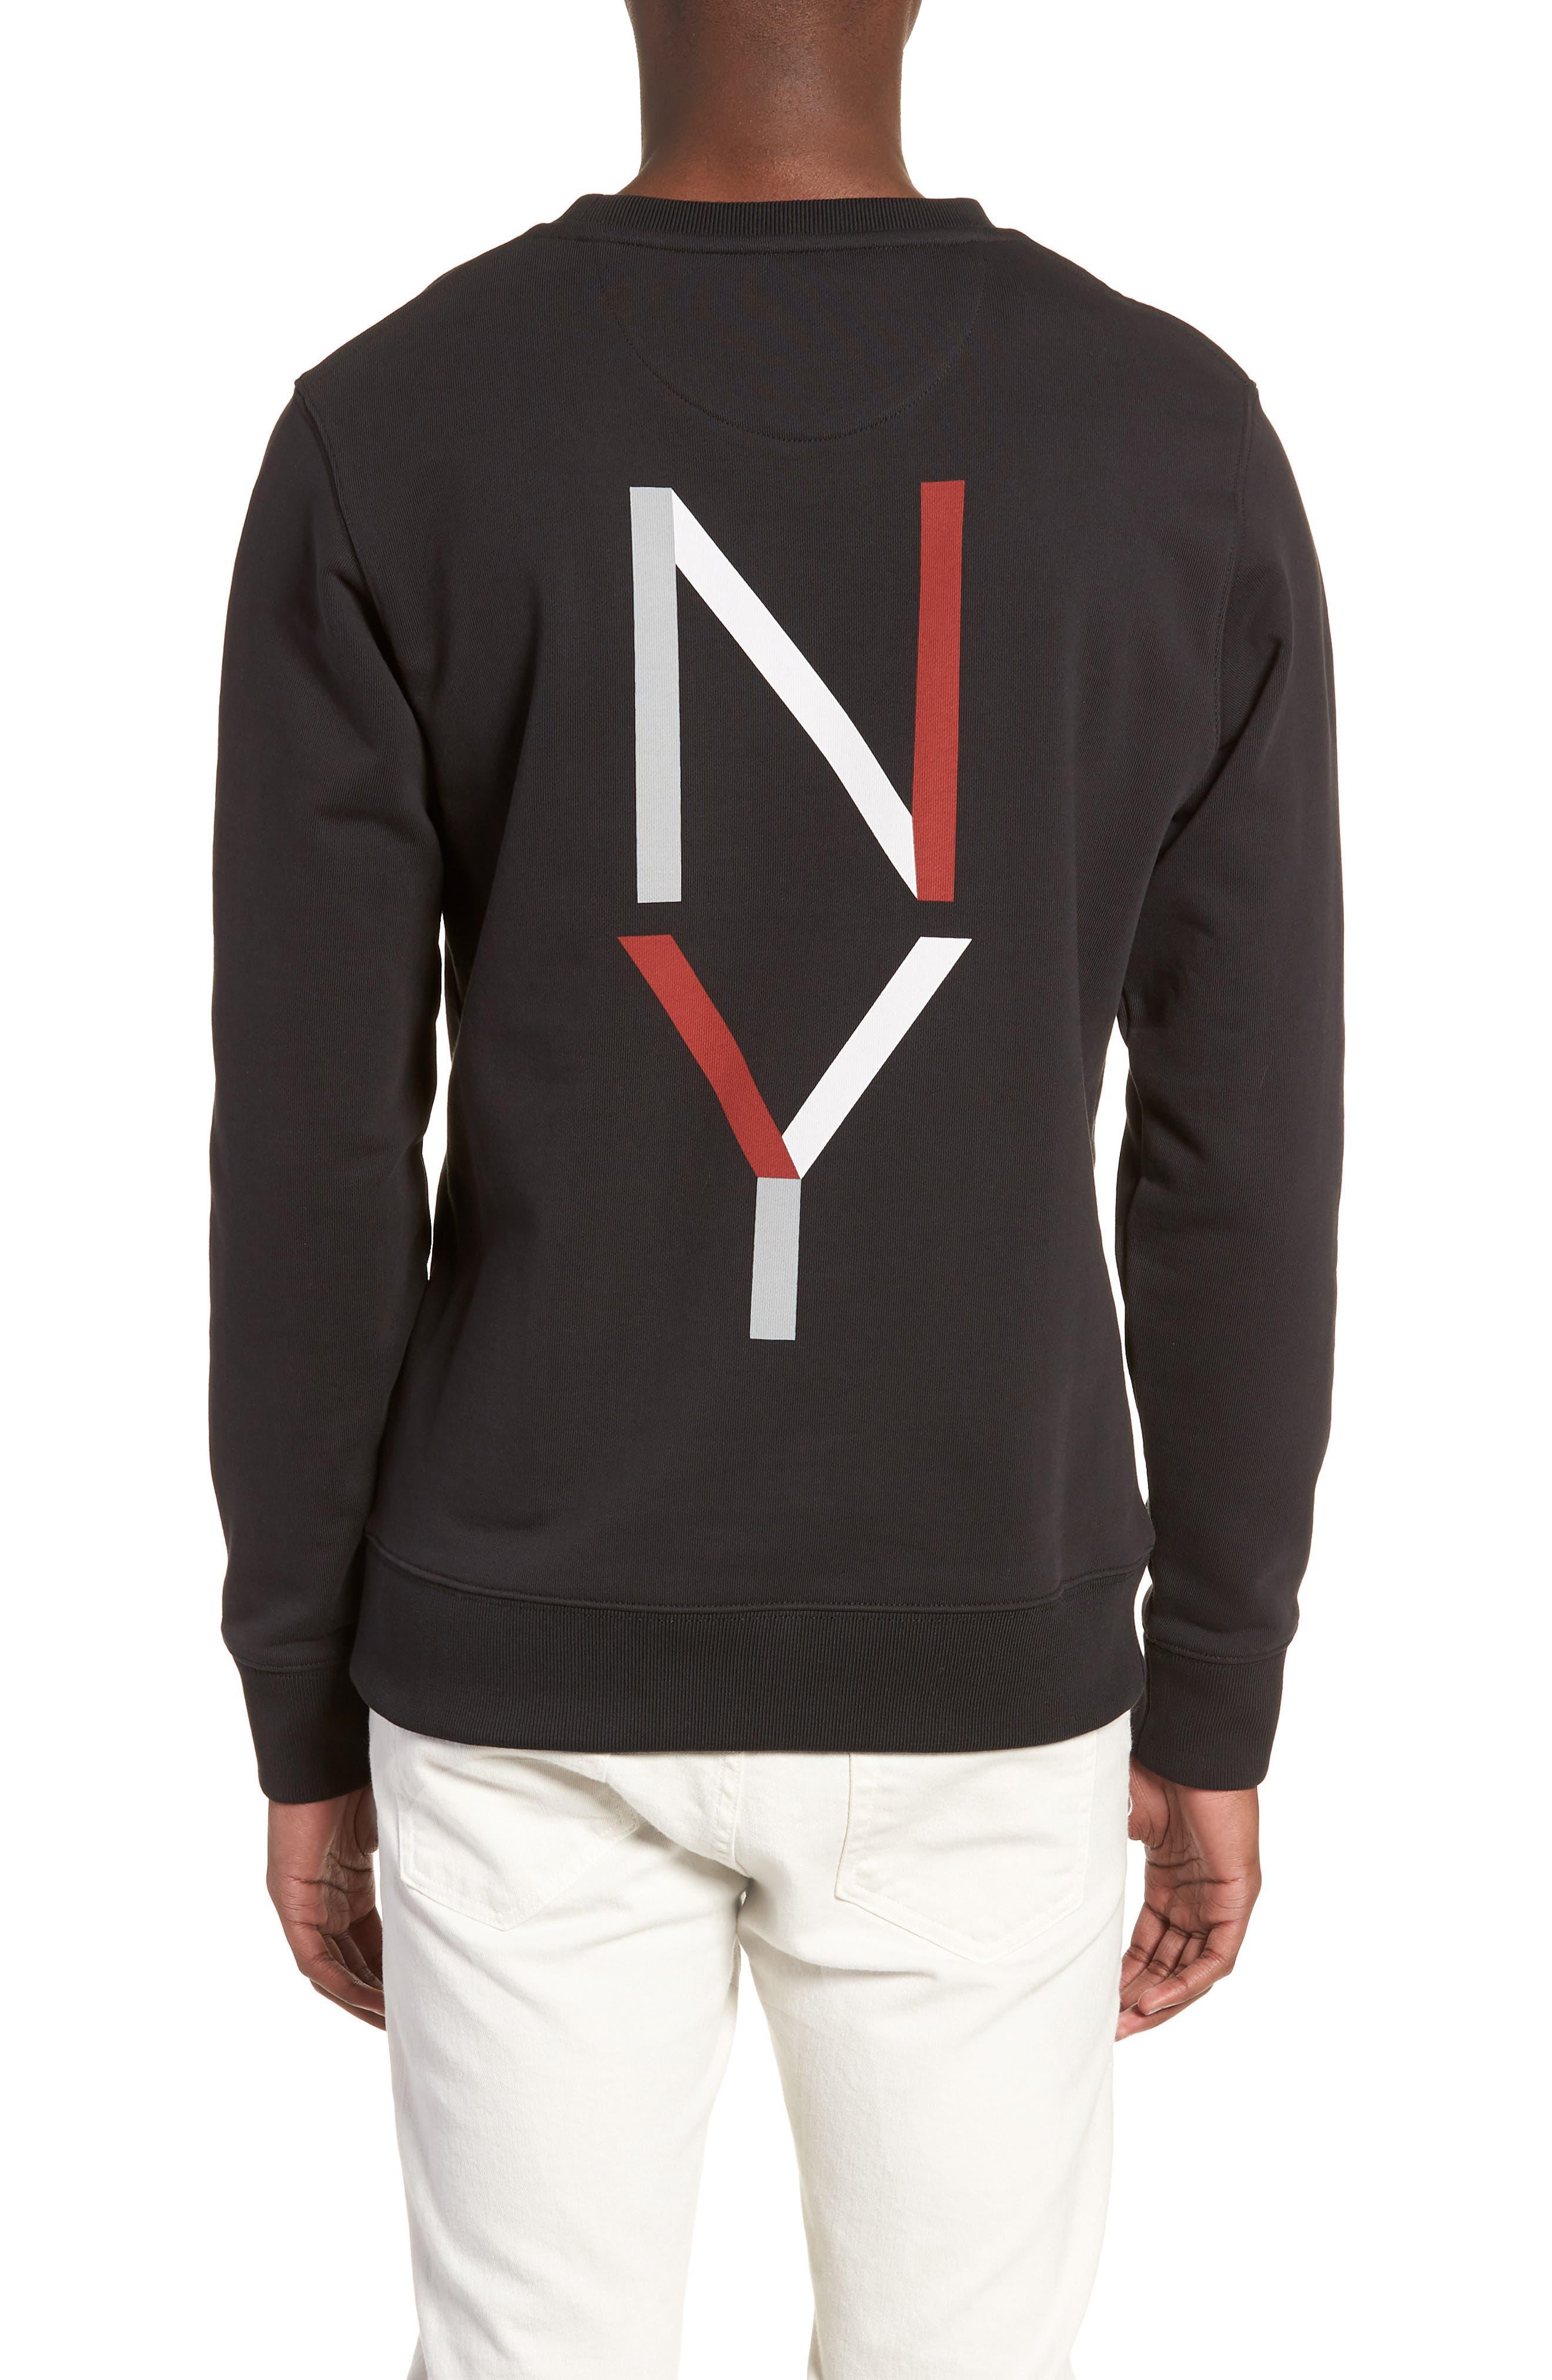 Bowery NY Sweatshirt,                             Alternate thumbnail 2, color,                             001